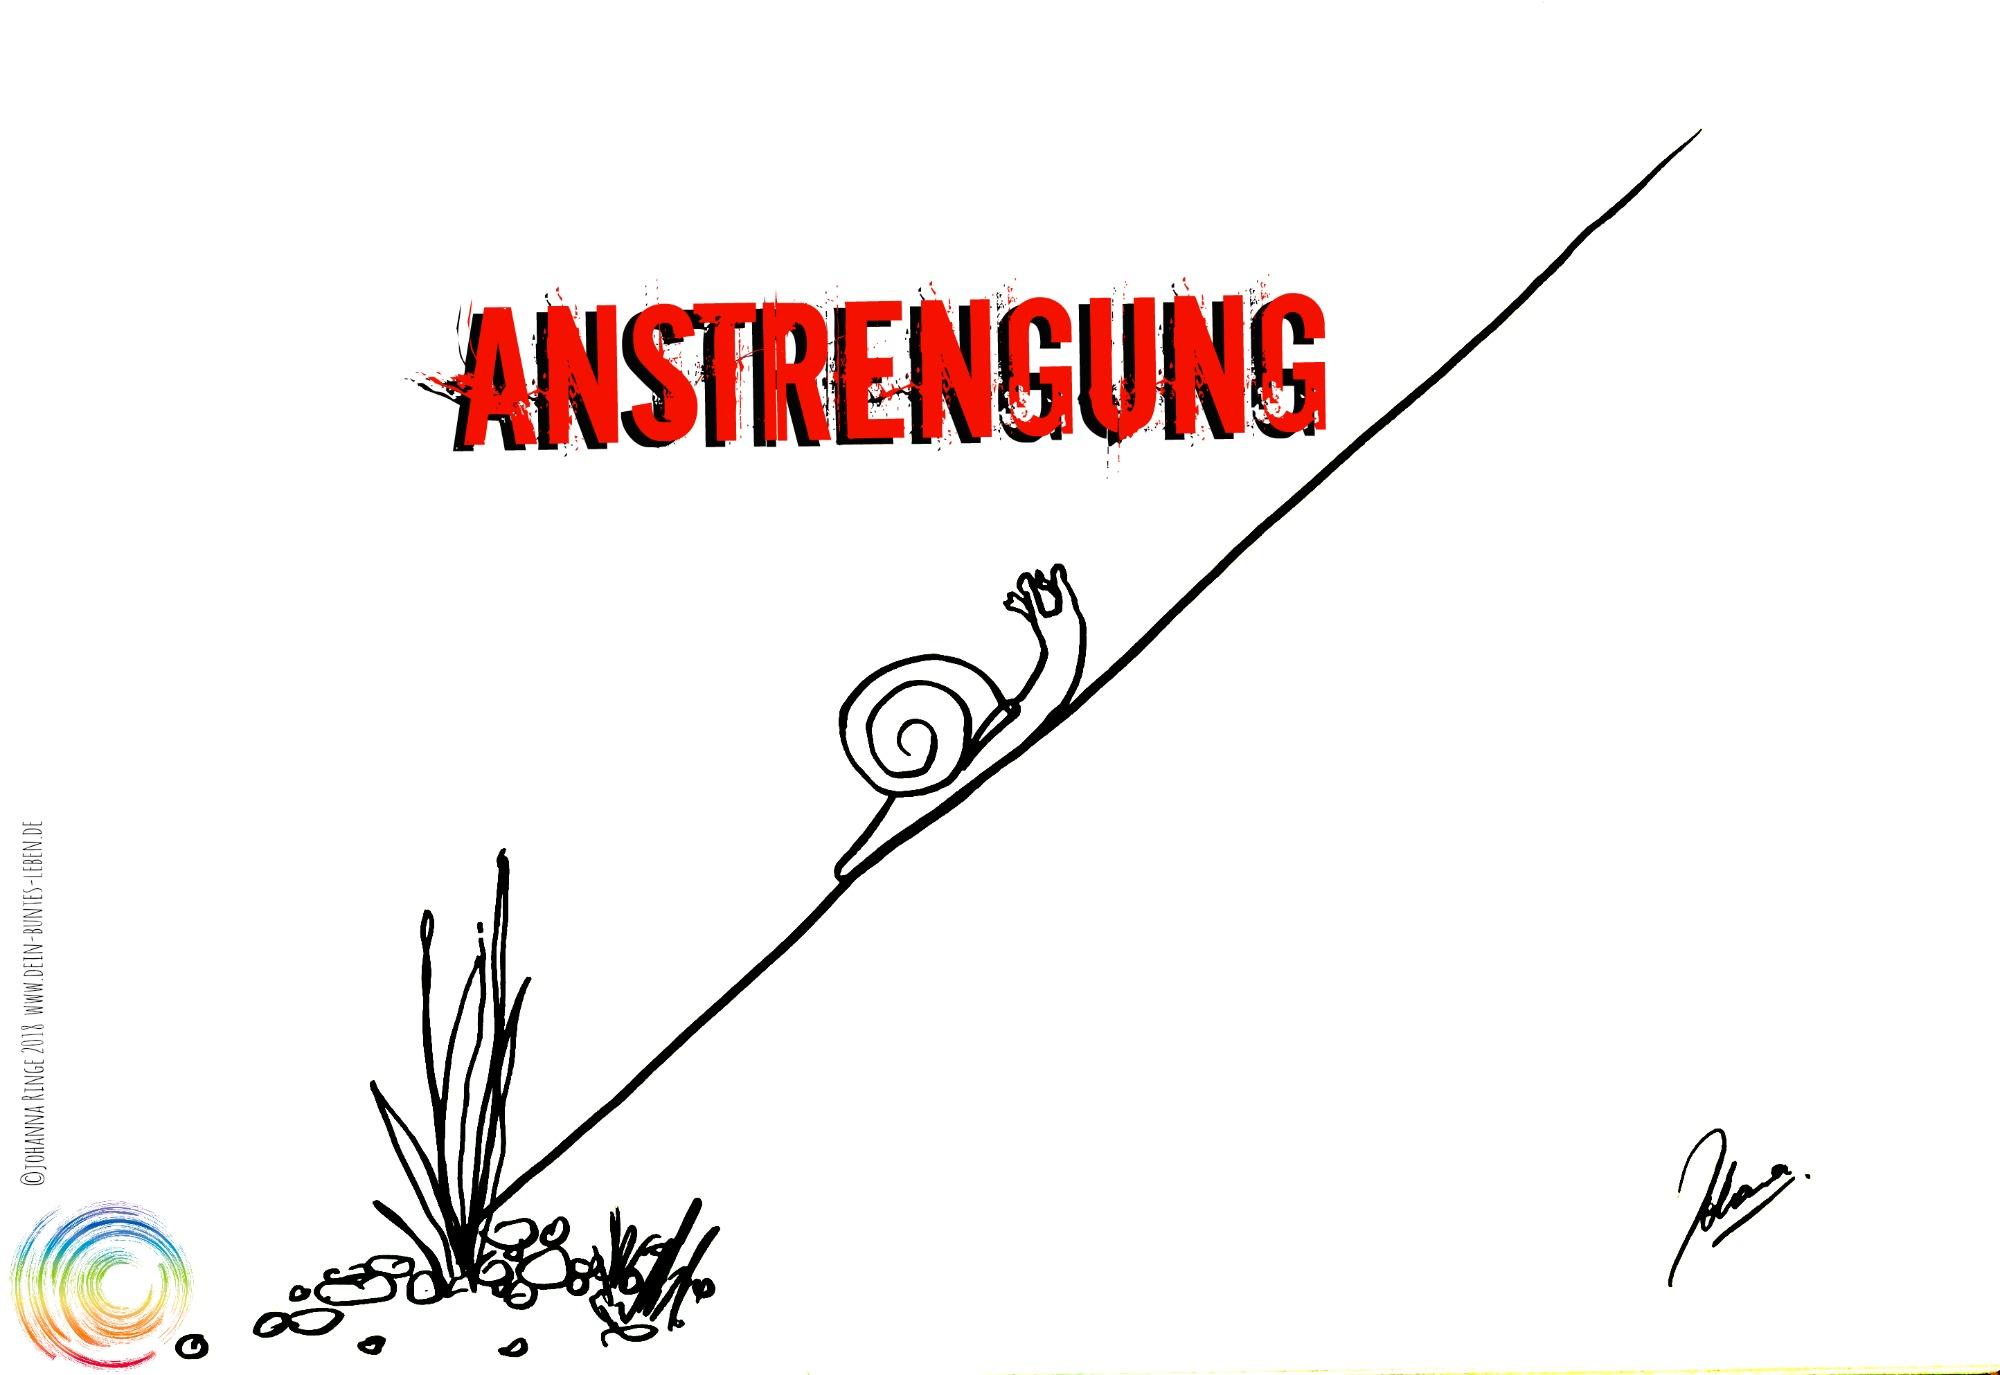 Anstrengung: eine Schnecke an einem steilen Hang.©2018 Johanna Ringe . www.dein-buntes-leben.de